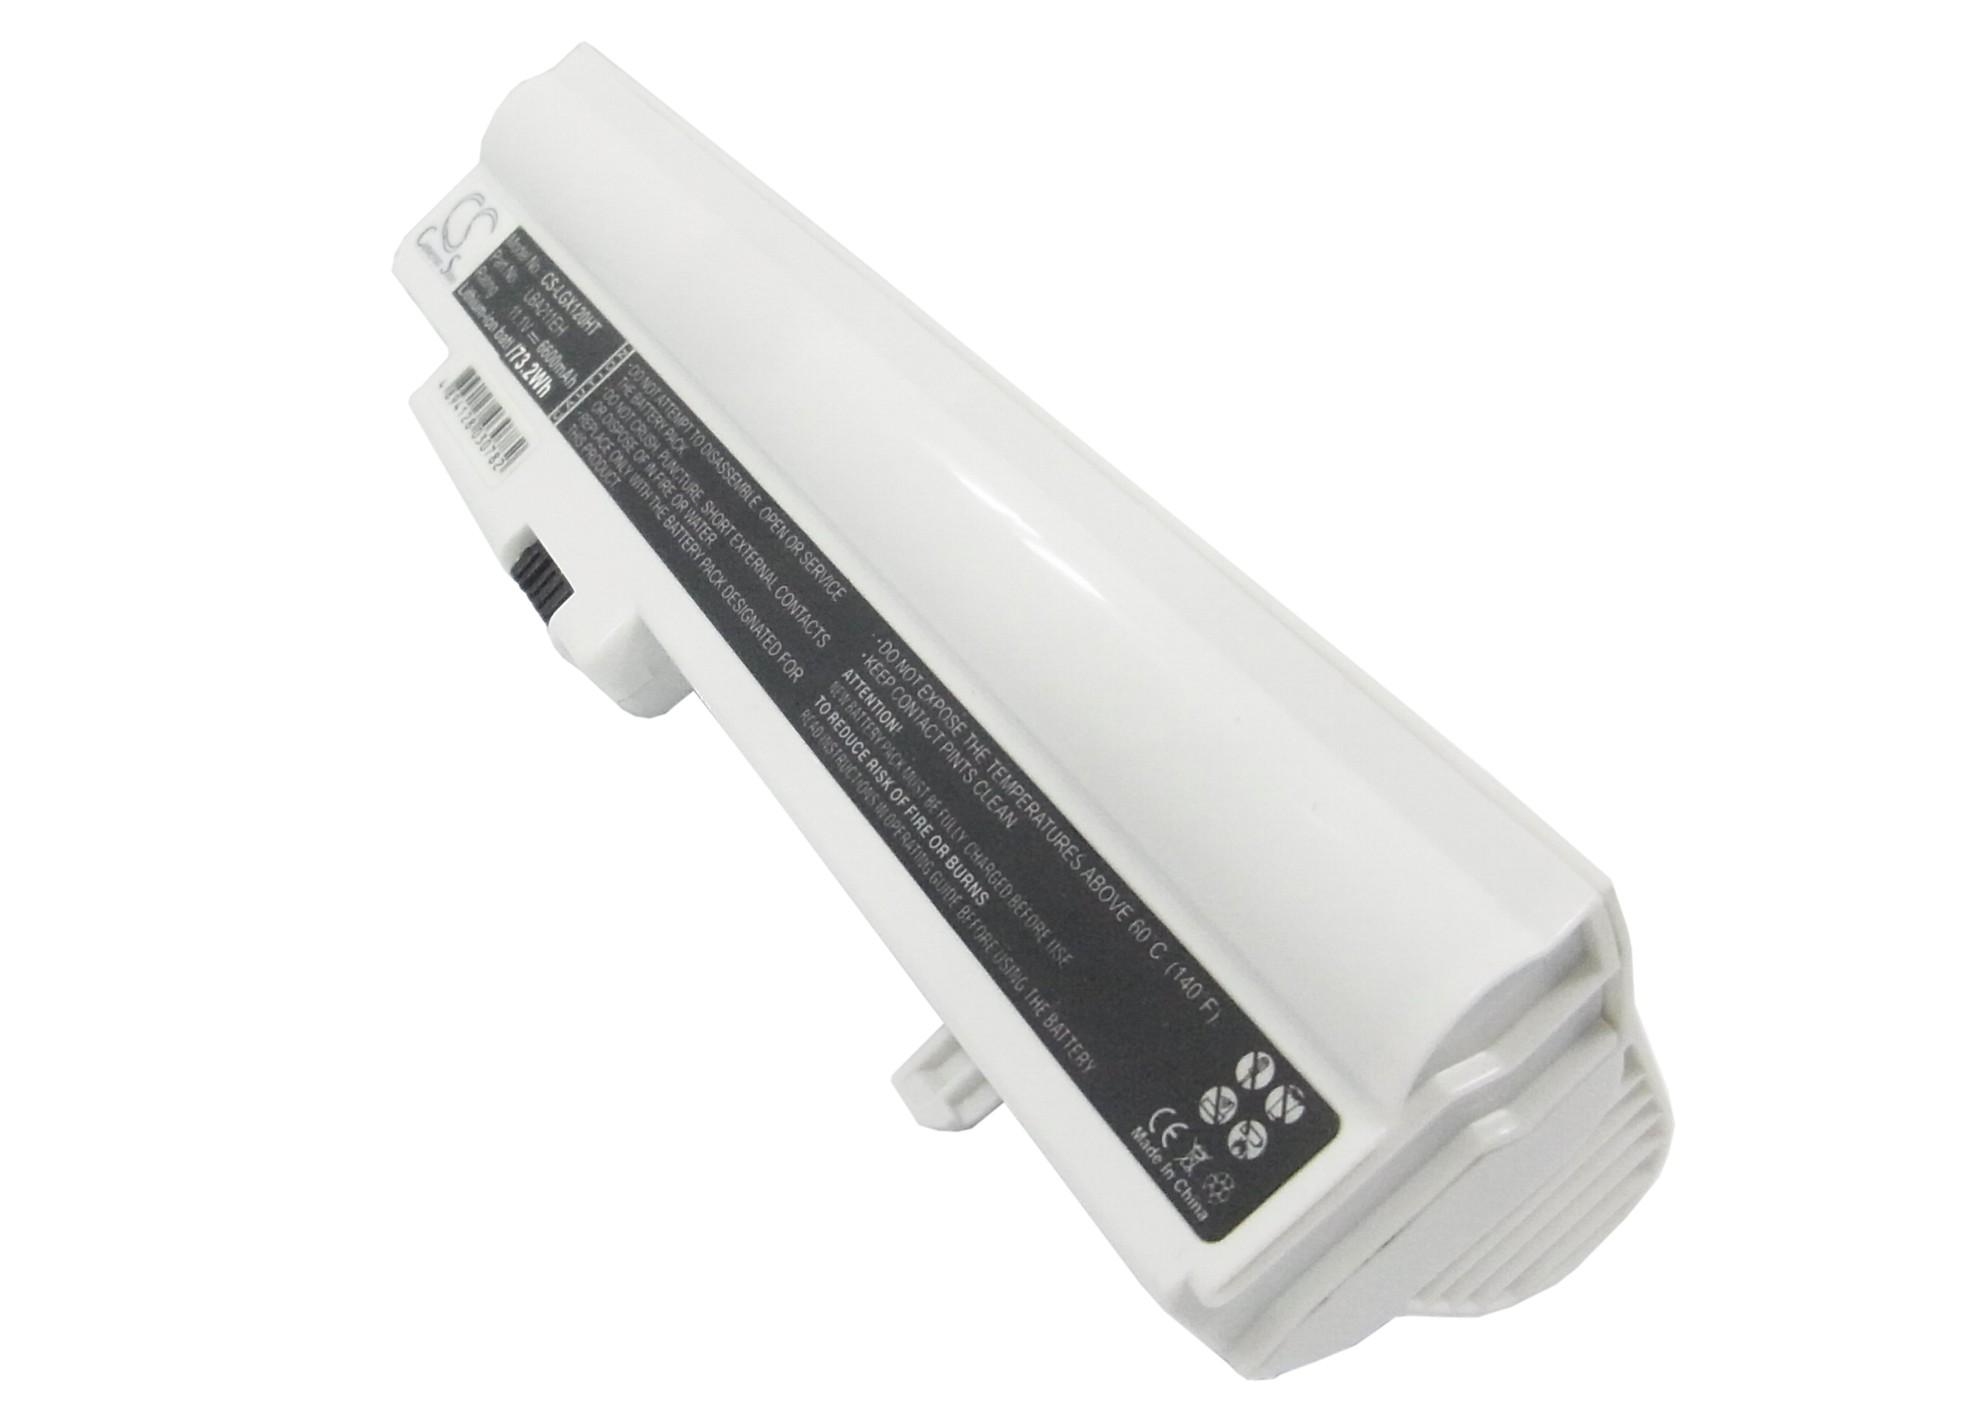 Cameron Sino baterie do netbooků pro LG X130 11.1V Li-ion 6600mAh bílá - neoriginální